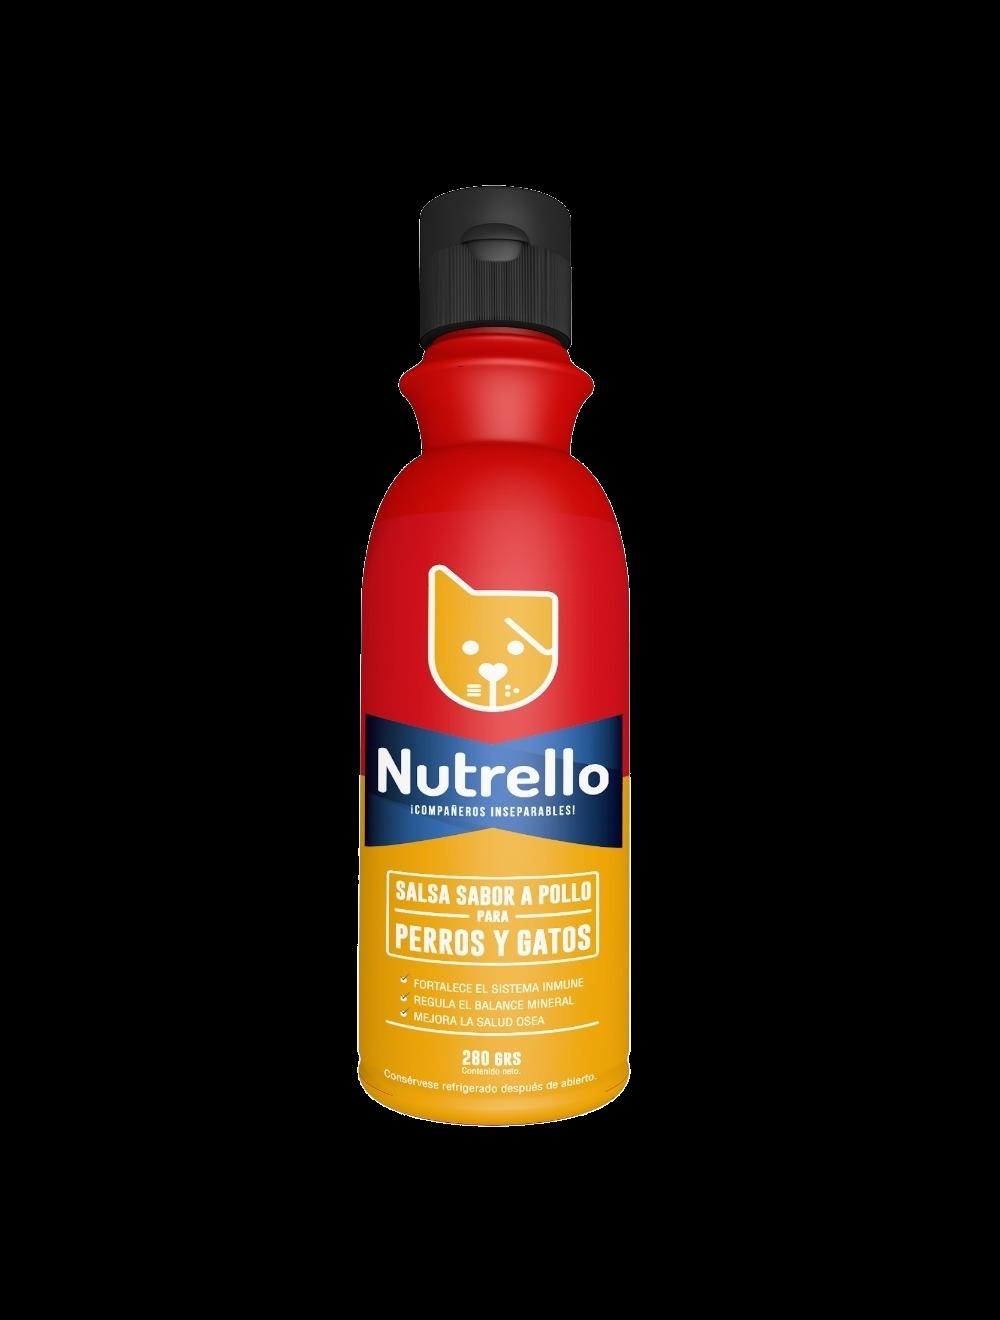 Nutrello Salsa Pollo X 280 Gr